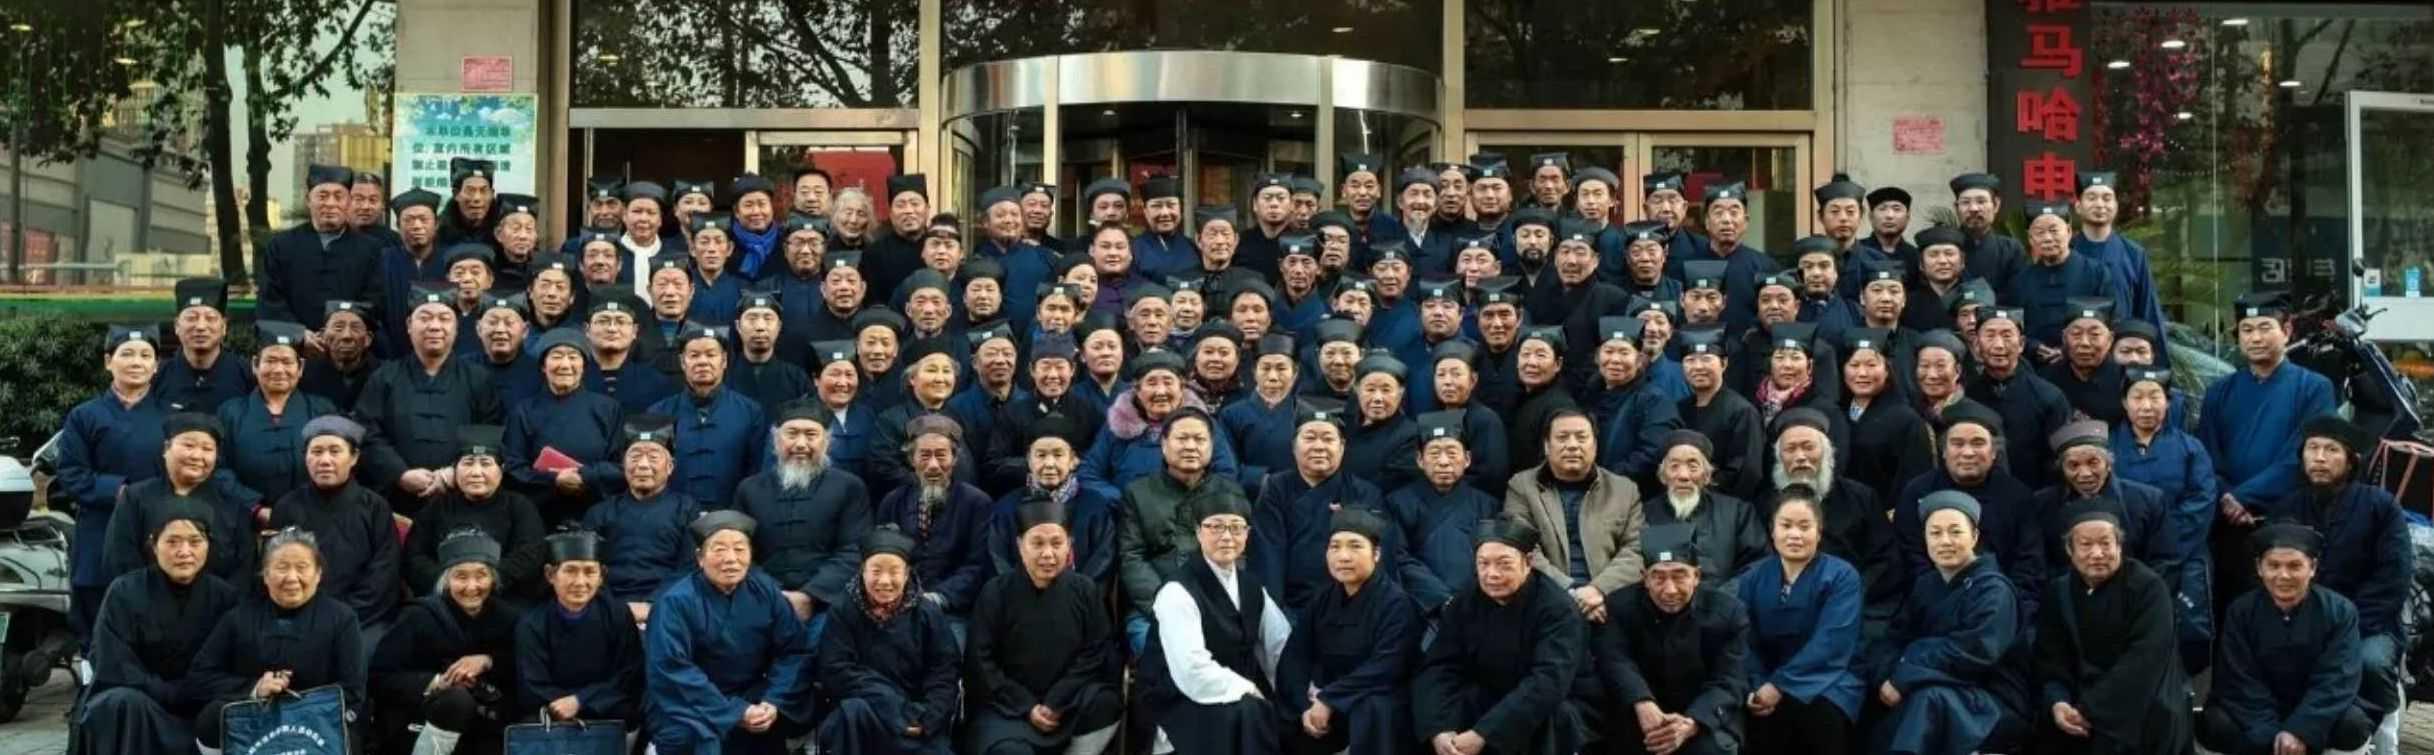 南阳市道教协会向全国道友们拜年啦